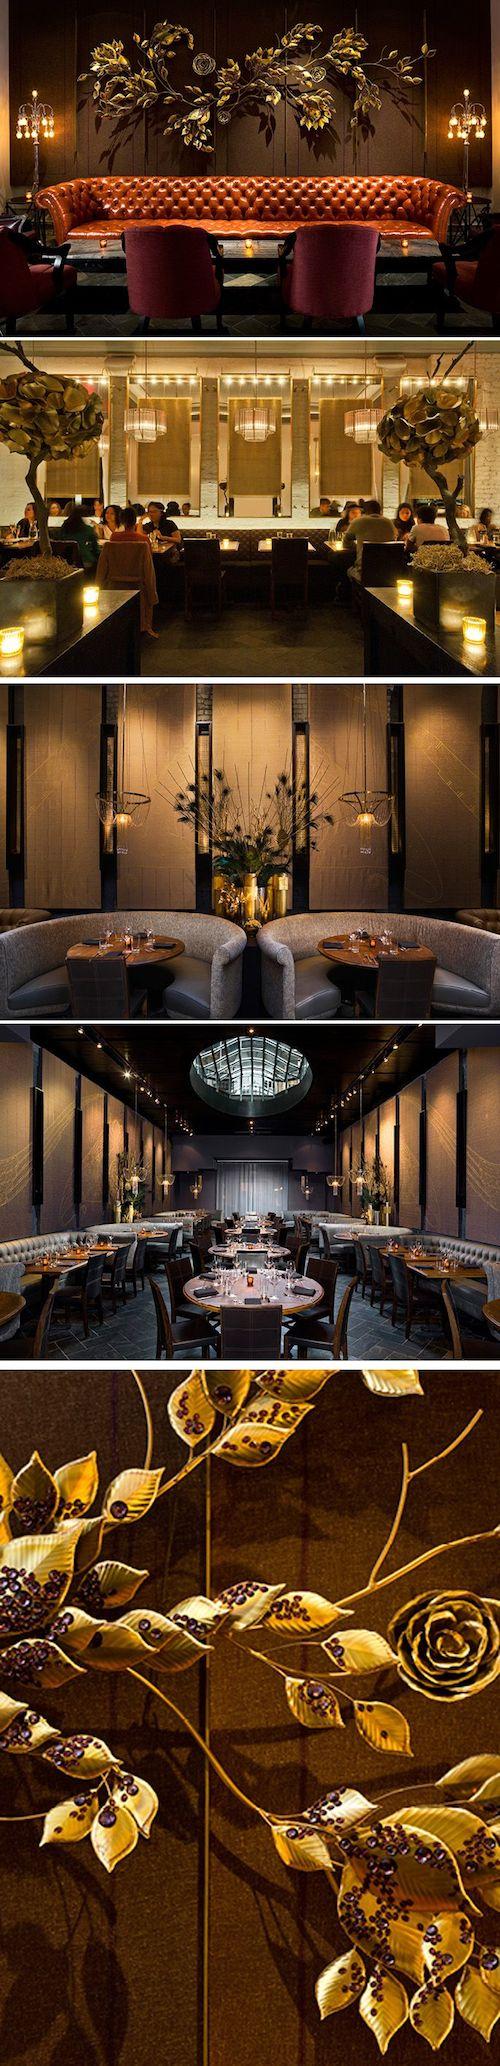 restauracja-hotelowa-wystroj-restauracji-drogich-ekskluzywnych-proekt-pomysl-10